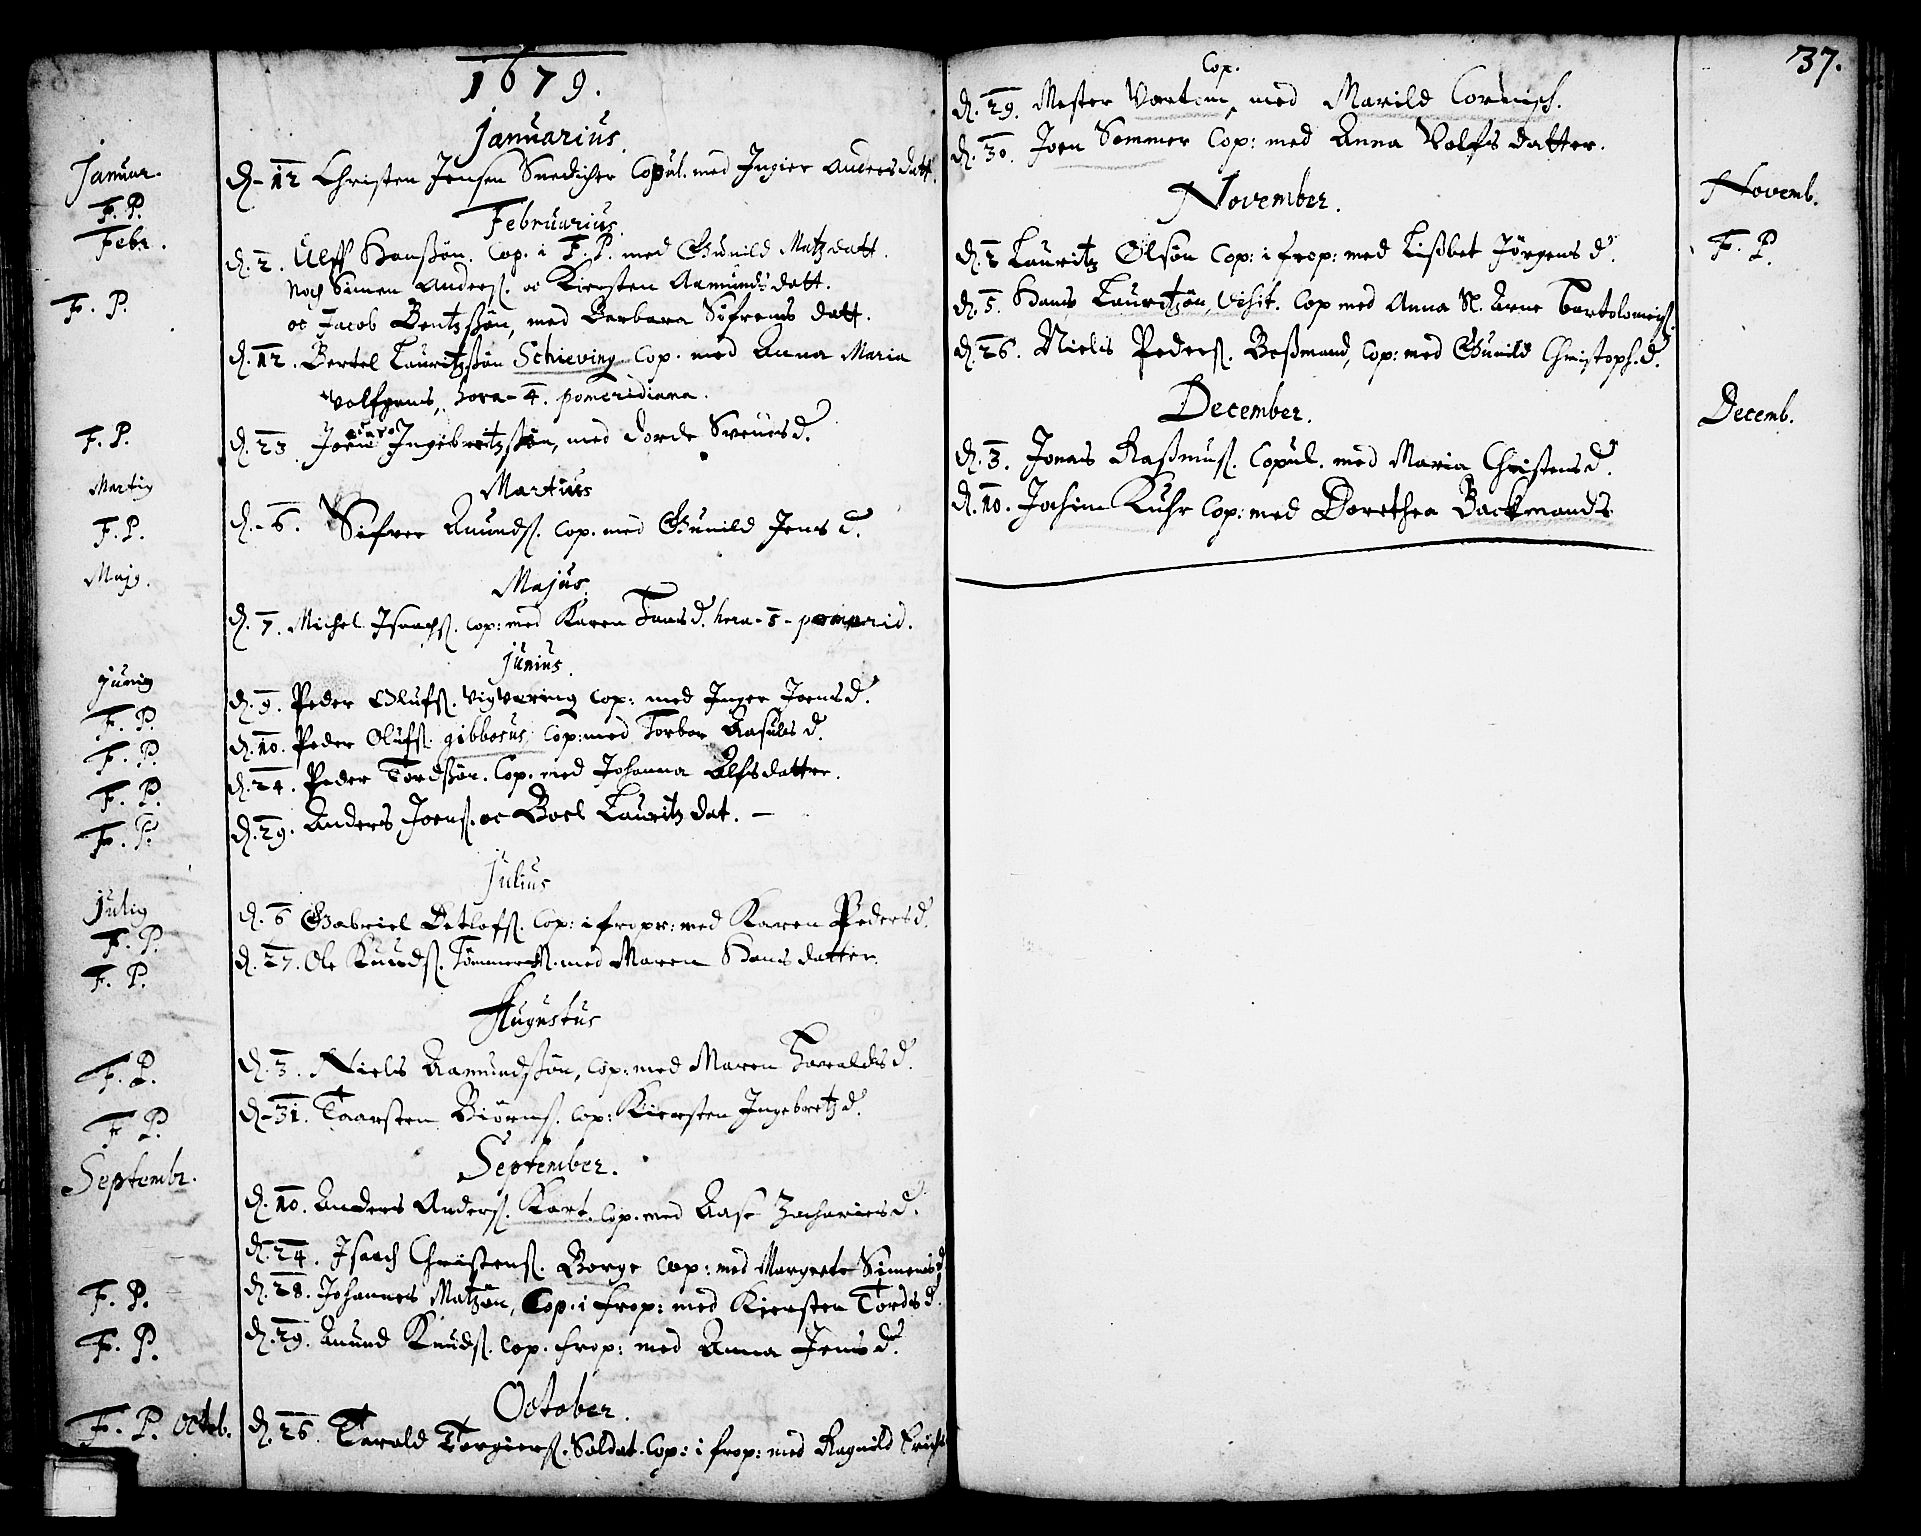 SAKO, Skien kirkebøker, F/Fa/L0001: Ministerialbok nr. 1, 1659-1679, s. 37